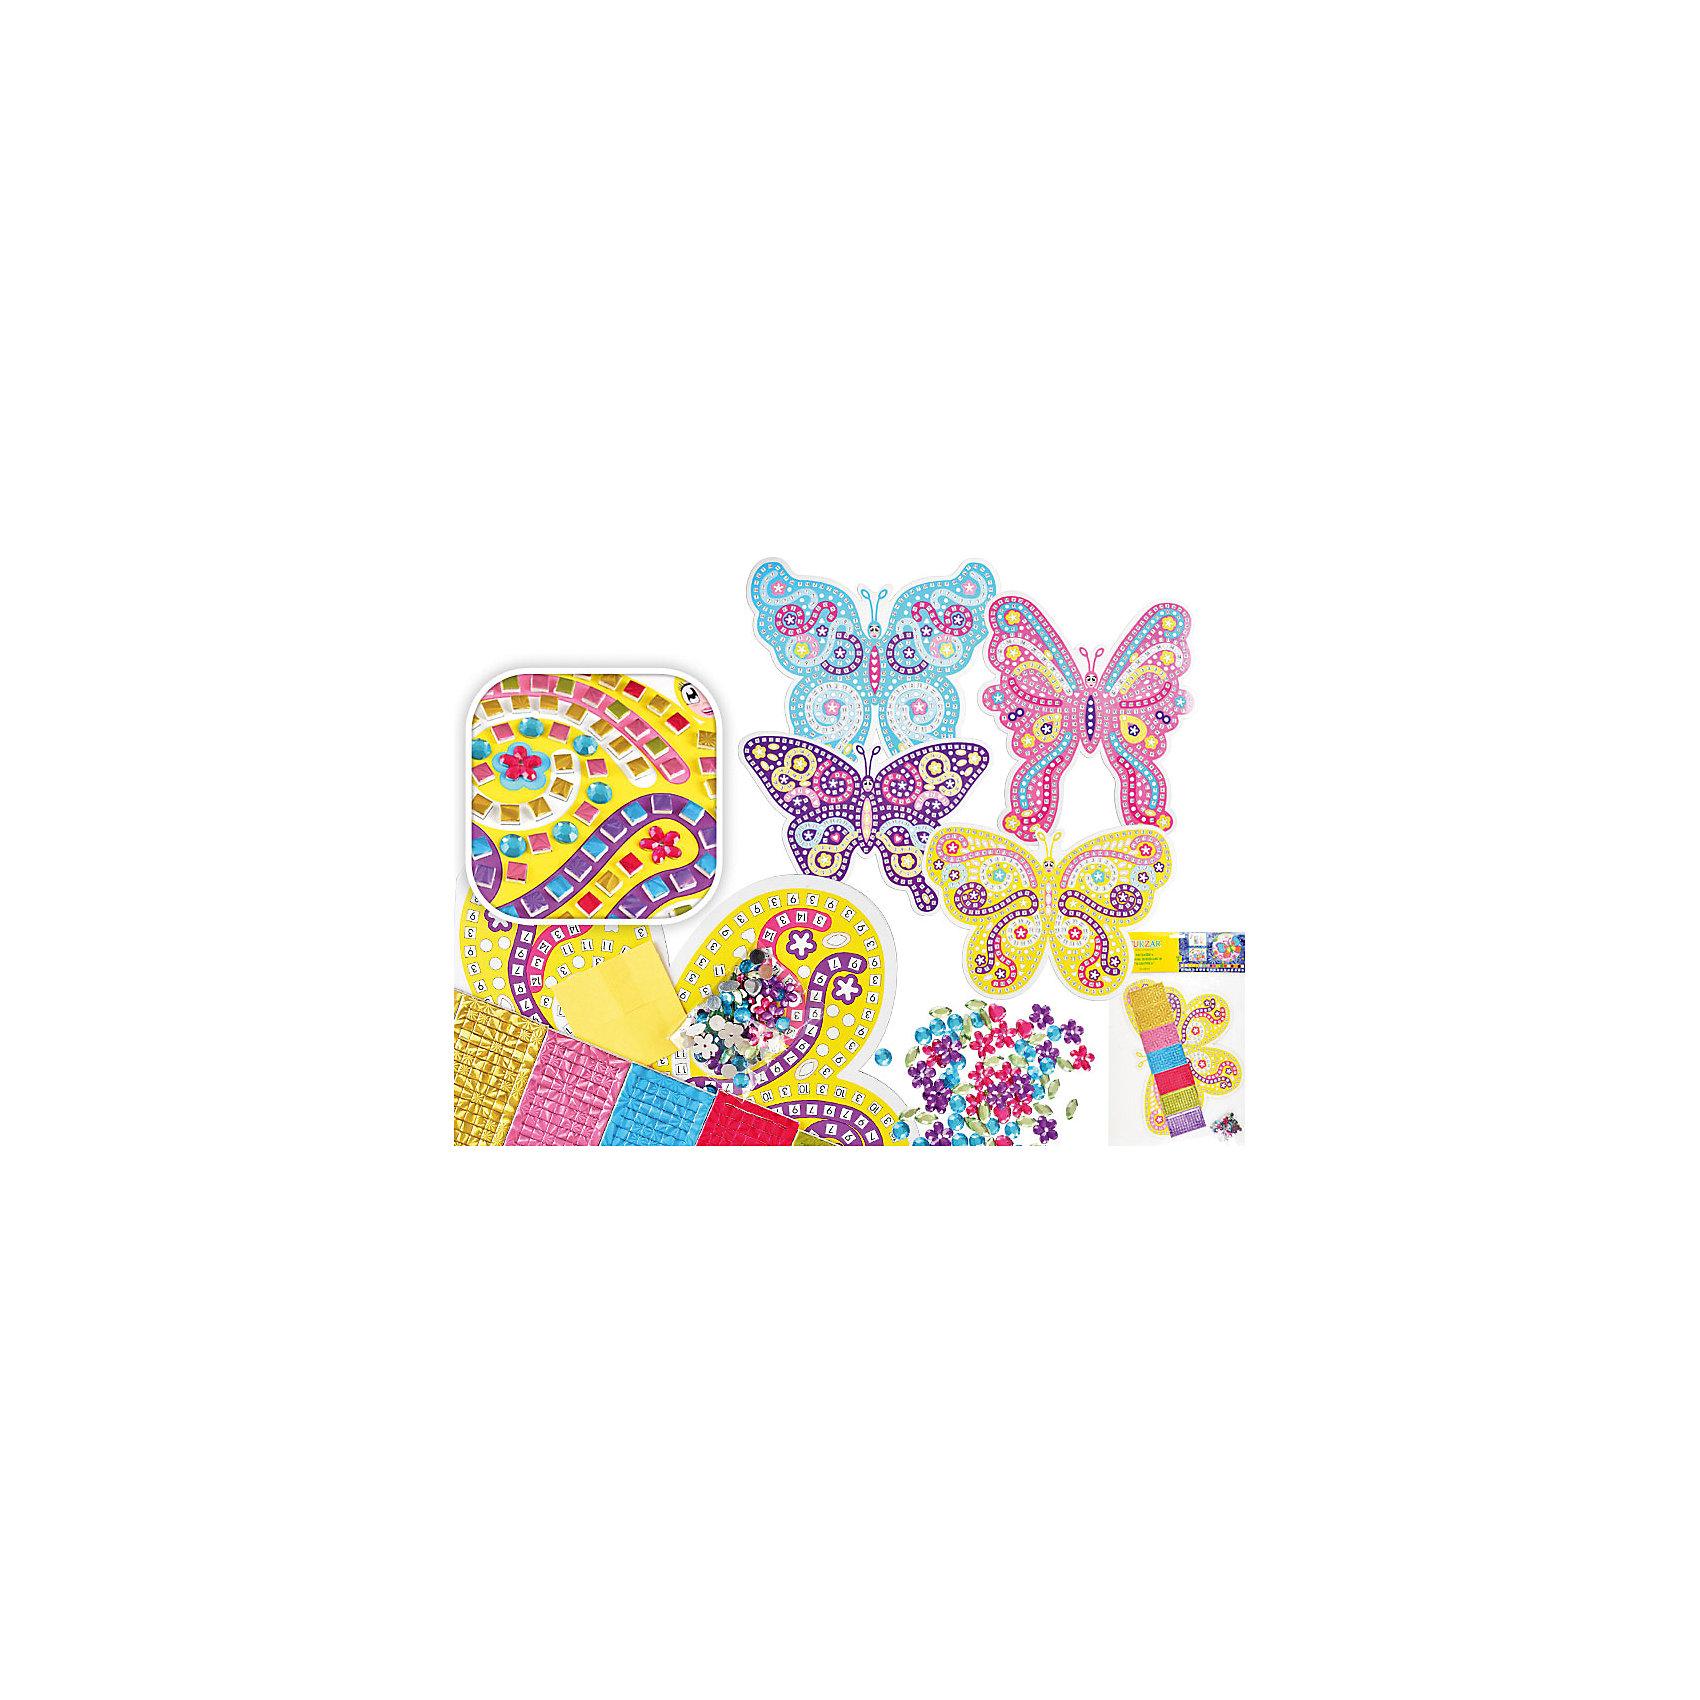 Самоклеящаяся мозаика Бабочка (в ассортименте)Последняя цена<br>Мозайка самоклеящаяся БАБОЧКА, 4 вида – отличное решение, которое сделает ваш интерьер неповторимым, уютным и жизнерадостным. Сначала необходимо оформить рисунок бабочки с помощью мозаичных элементов и страз-наклеек. Привлеките к творческому процессу ребенка и позвольте ему проявить свою фантазию!<br>Благодаря самоклеящейся поверхности мозаика легко наклеивается на любую ровную поверхность (стену, кафель, дверь, зеркало, окно и др.) и также просто удаляется, не оставляя следов. <br><br>Характеристики:<br>-можно нанести практически на любую поверхность<br>-легко удаляются и не оставляют пятен<br>-помогут скрыть дефект и недостатки поверхности<br>-дают возможность проявить свою фантазию и выступить в роли дизайнера<br>-станут оригинальным подарком для друзей и родных<br><br>Комплектация: пронумерованная картонная картинка-основа с фигурным контуром бабочки, разноцветные листы из фольги, стразы-наклейки для украшения<br><br>Дополнительная информация:<br>-Размеры картинки с контуром: 28х24 см <br>-В ассортименте: 4 вида дизайна (заранее выбрать невозможно, при заказе нескольких возможно получение одинаковых)<br>-Материалы: полимерный материал EVA<br><br>Самоклеящаяся мозаика – прекрасное решение, которое позволит проявить творческие способности Вашему ребенку, а затем преобразить и оживить интерьер детской комнаты за минуту!<br><br>Мозайку БАБОЧКА, 4 вида можно купить в нашем магазине.<br><br>Ширина мм: 220<br>Глубина мм: 220<br>Высота мм: 5<br>Вес г: 100<br>Возраст от месяцев: 36<br>Возраст до месяцев: 168<br>Пол: Унисекс<br>Возраст: Детский<br>SKU: 4040382